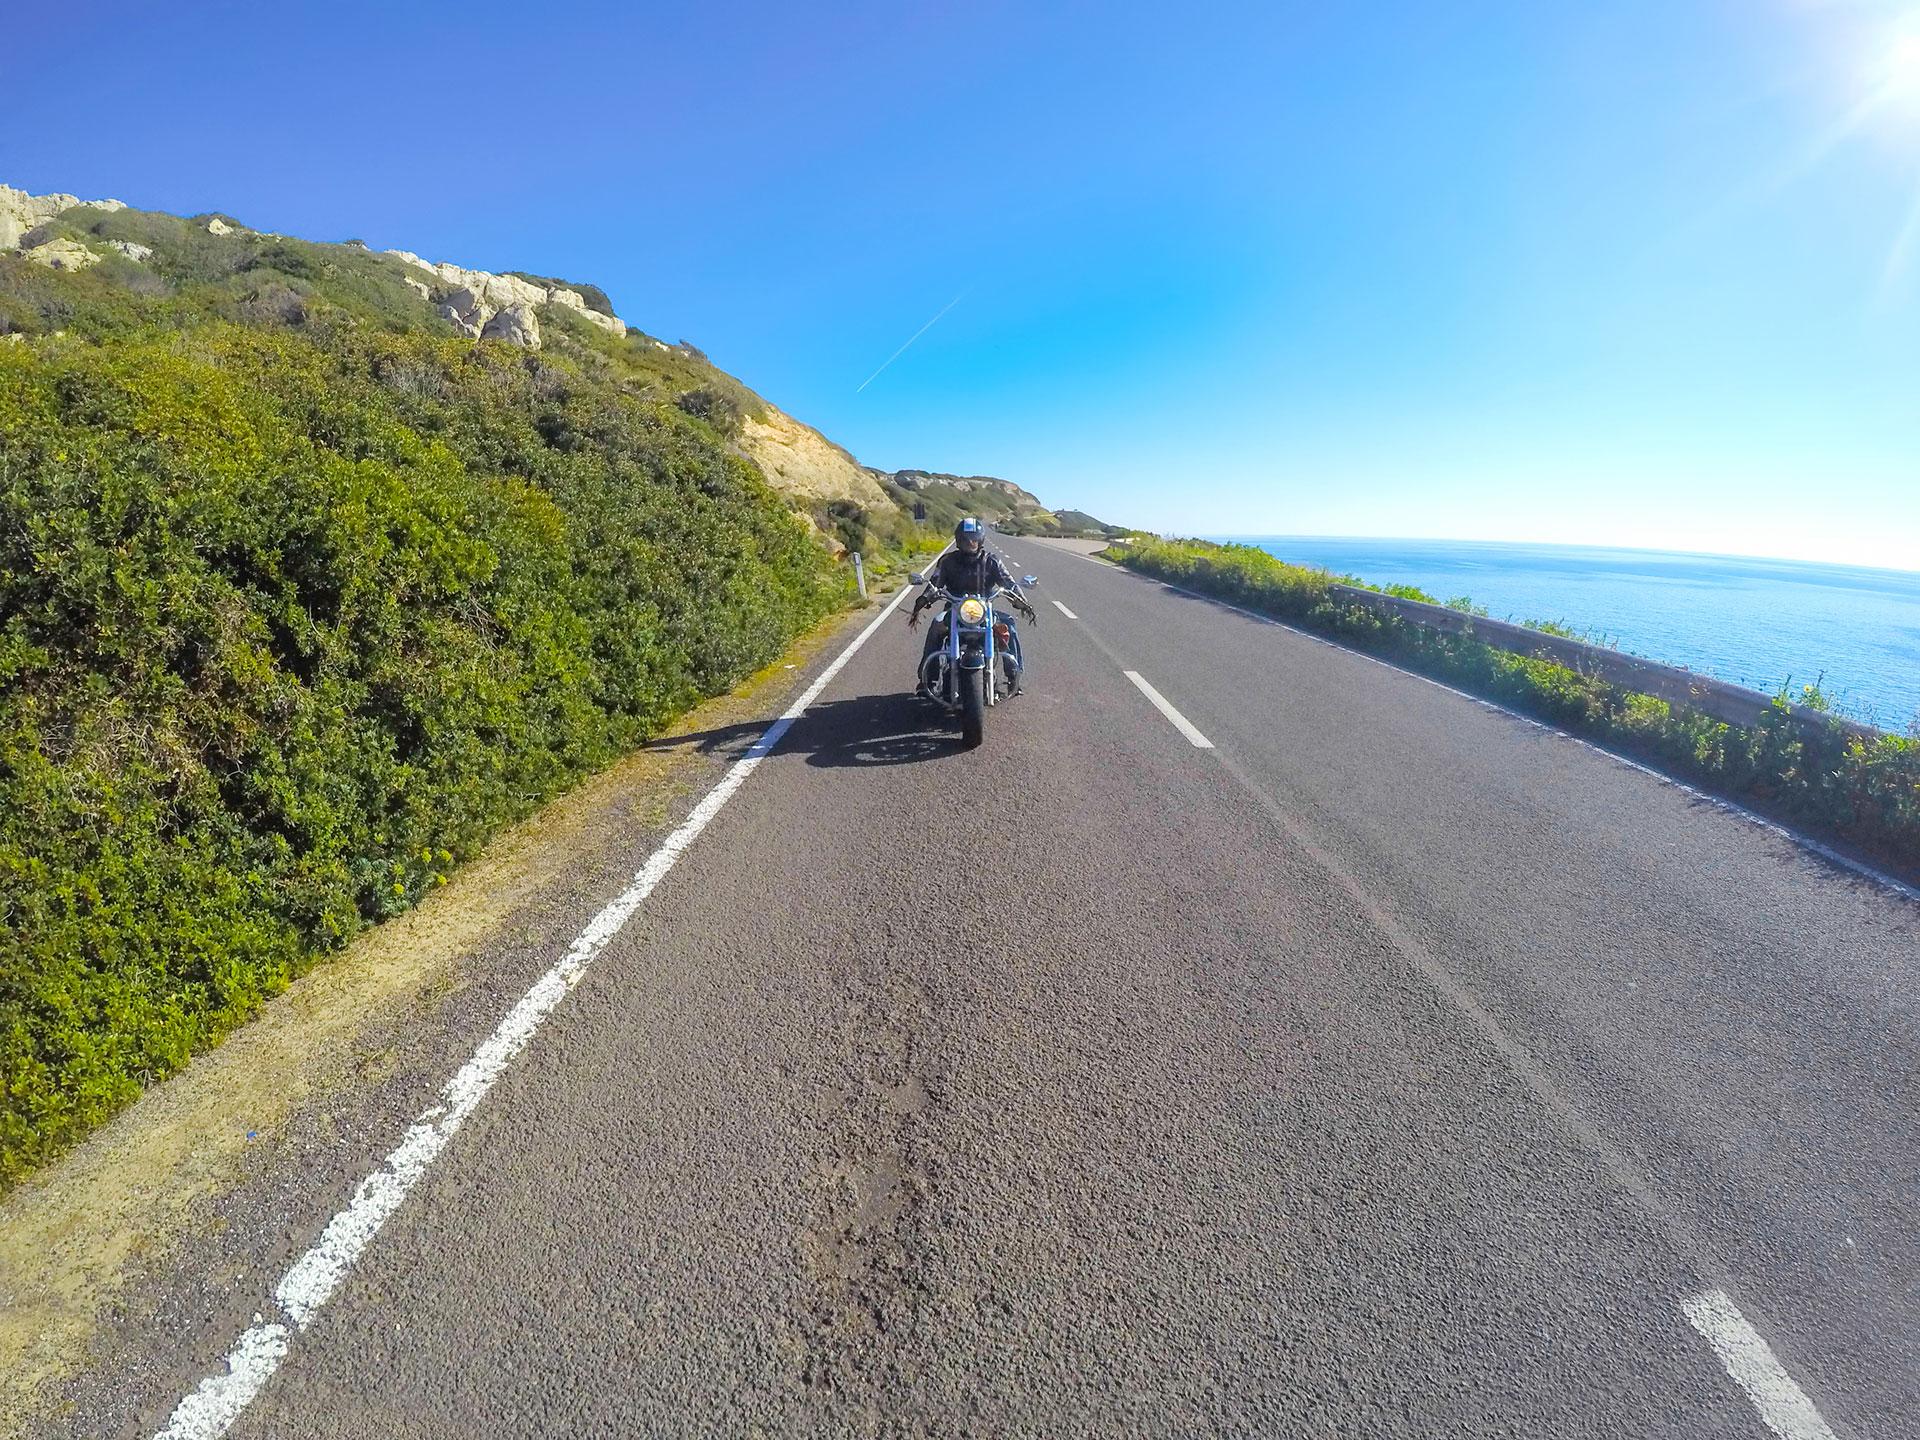 Moto in Sardegna